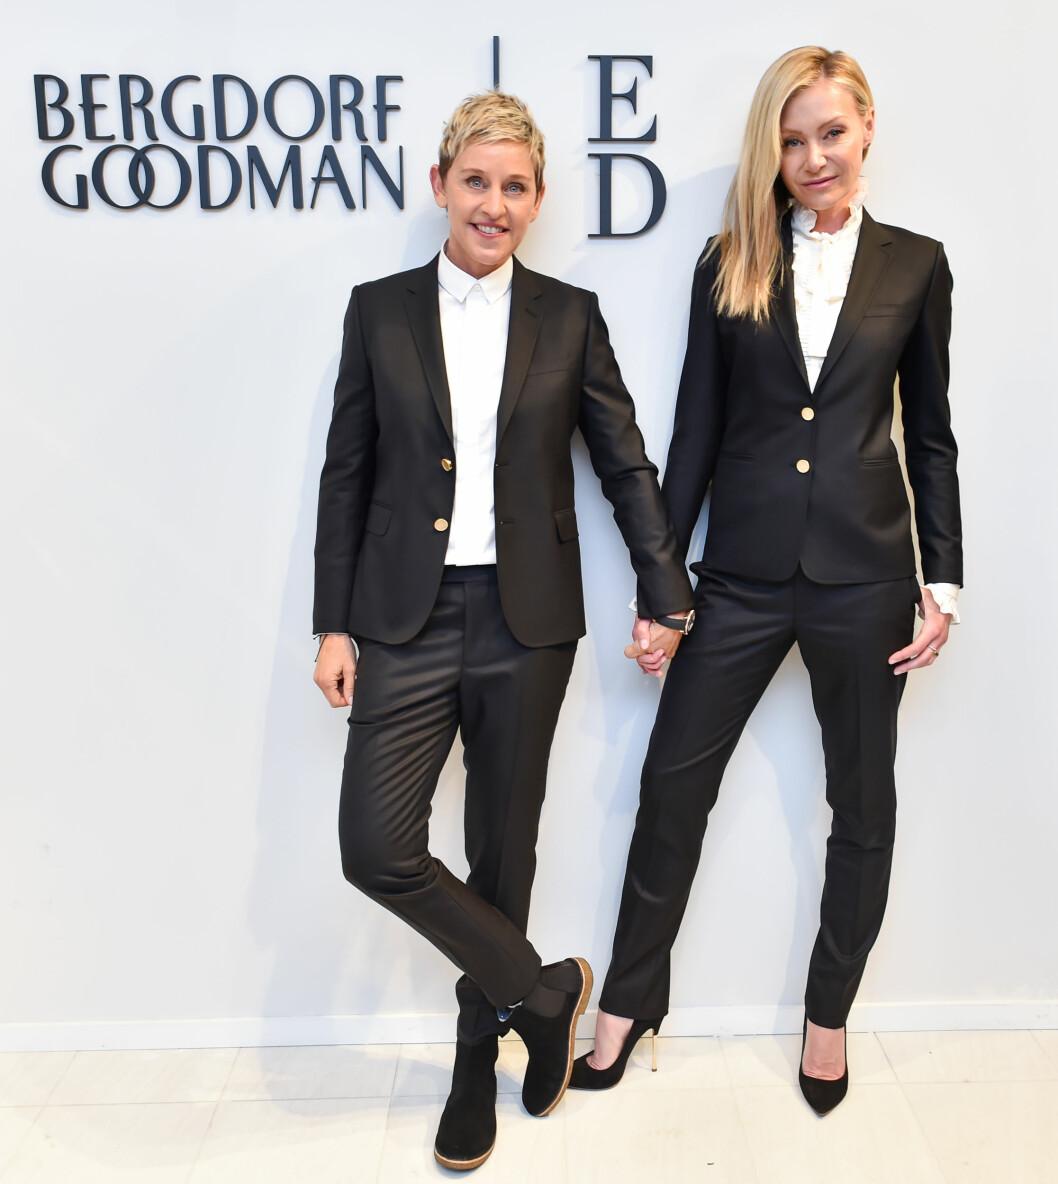 15 ÅRS FORSKJELL: Talkshow-vertinne Ellen DeGeneres (57) har vært gift med skuespiller Portia de Rossi (42) siden 2008. Foto: NTB Scanpix